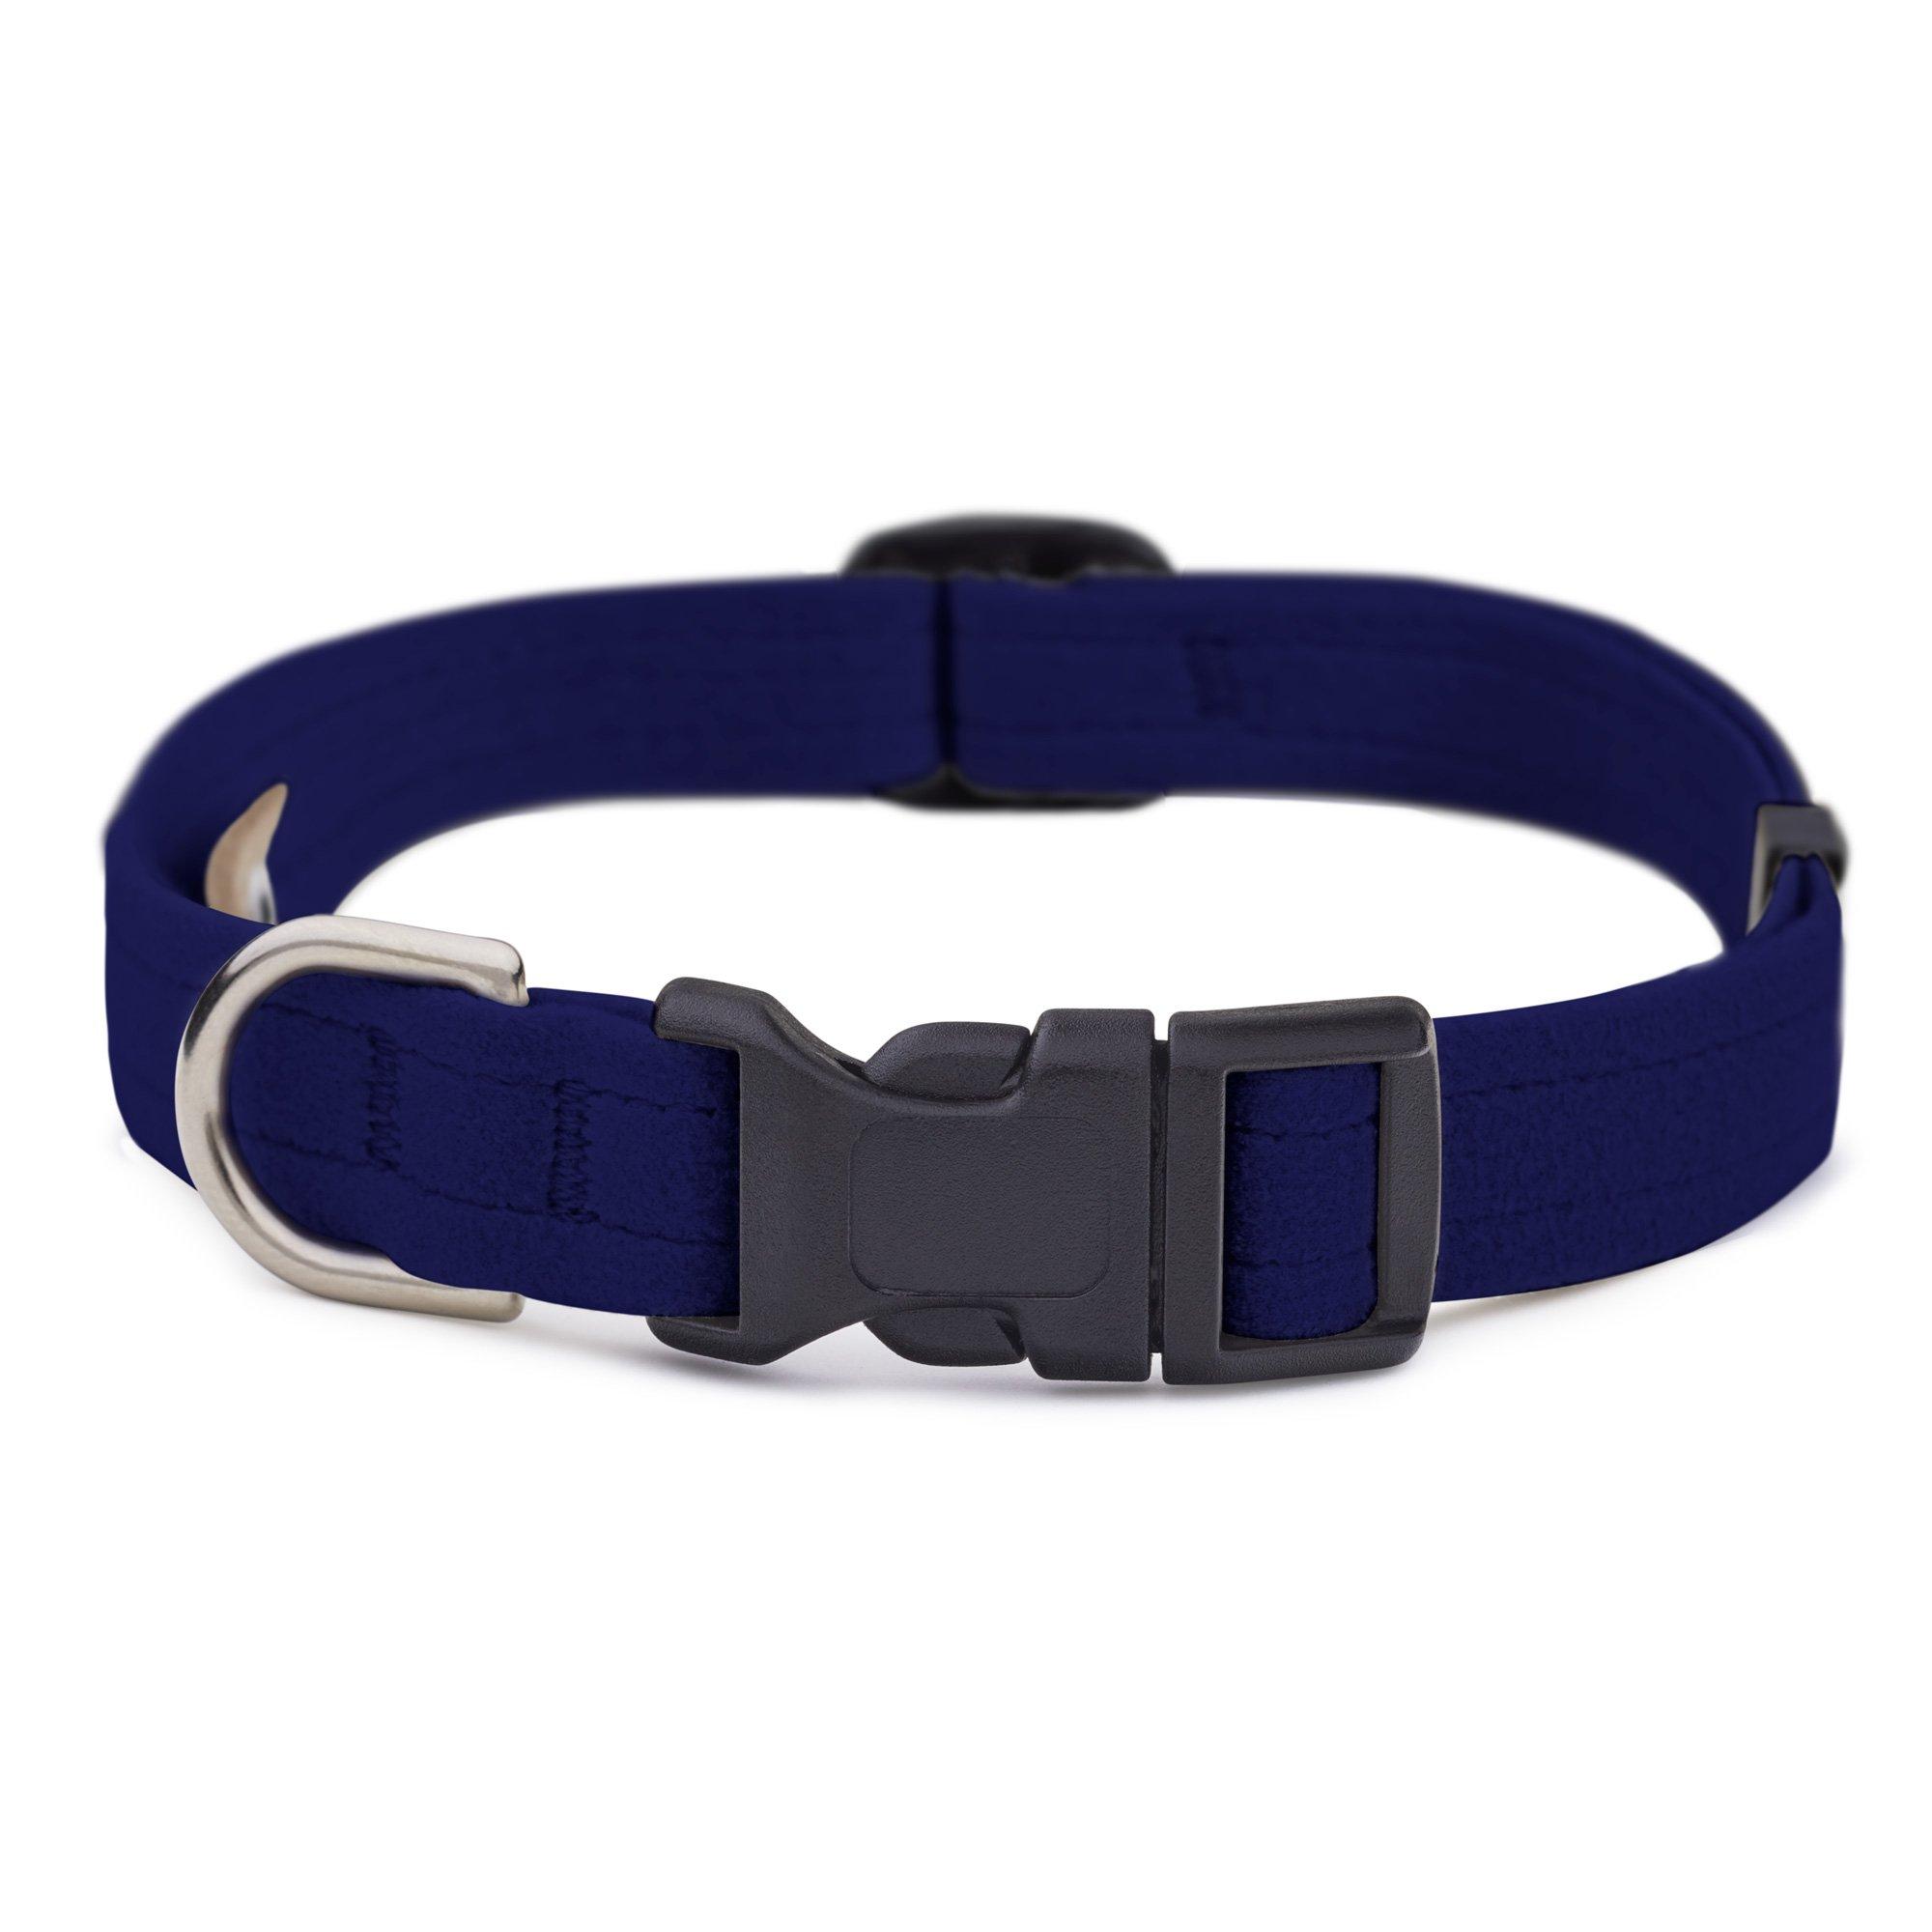 Indigo Quick Release Collar